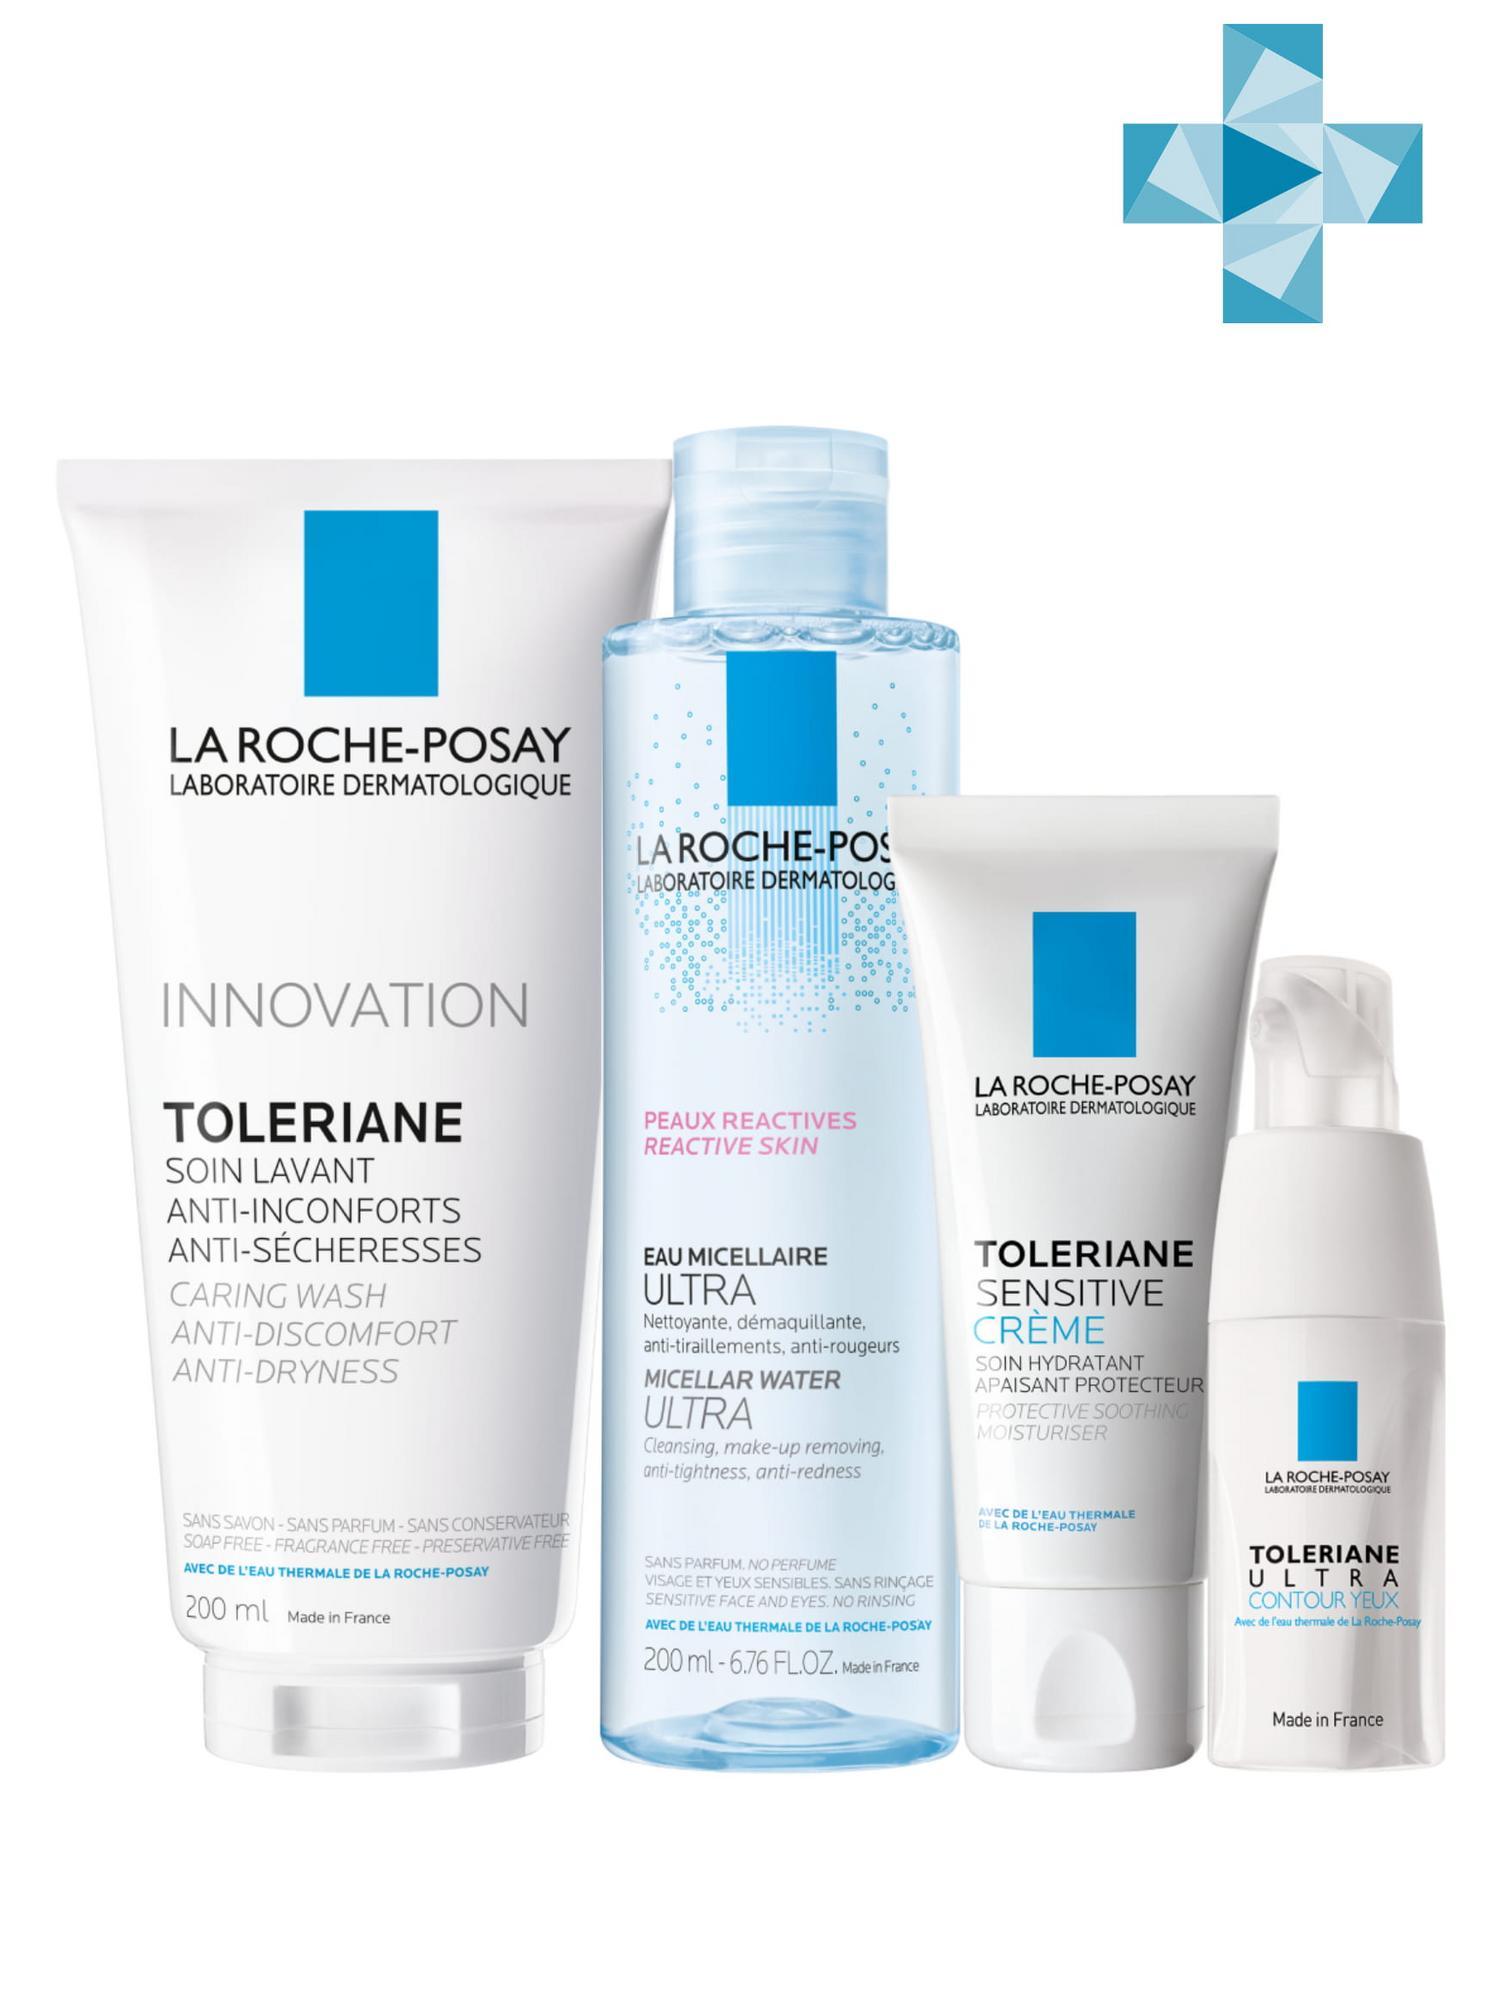 Купить La Roche-Posay Набор легкий крем 40 мл + крем для глаз 20 мл + очищающий гель 200 мл + мицеллярная вода для чувствительной кожи, 200 мл (La Roche-Posay, Toleriane), Франция